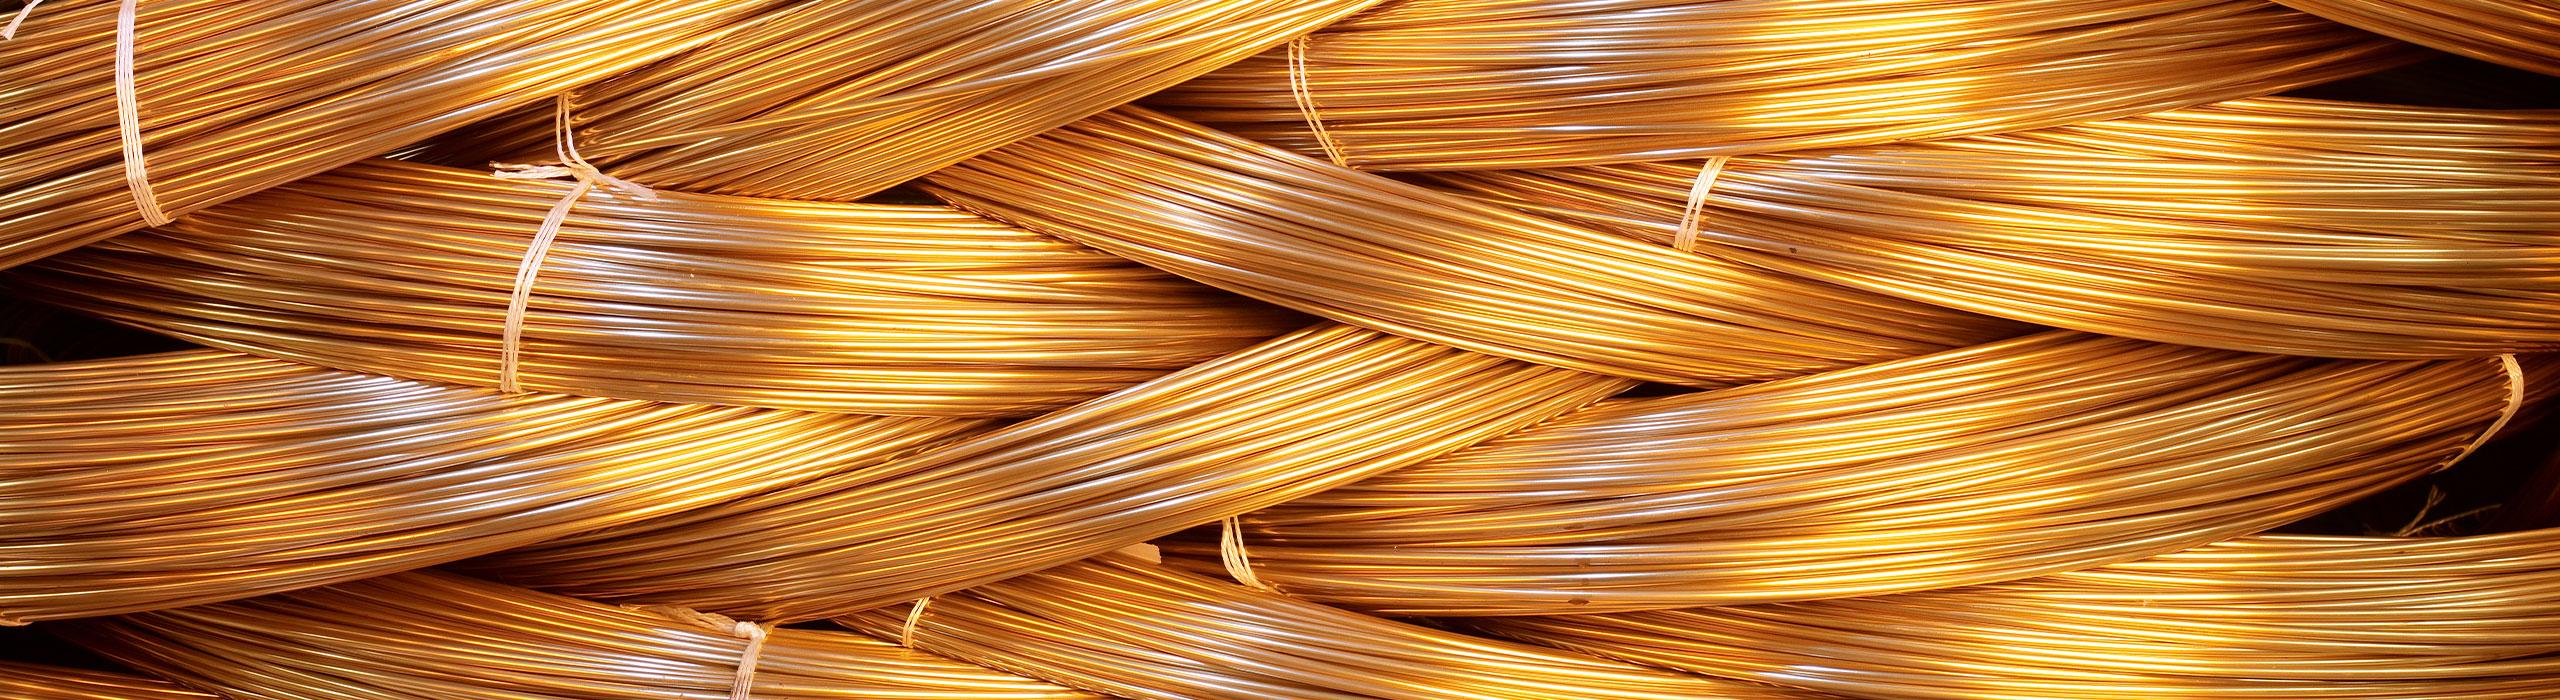 Werkstoffe: Messing, Kupfer, Stahl, Edelstahl, Aluminium, Kupfer-Nickel